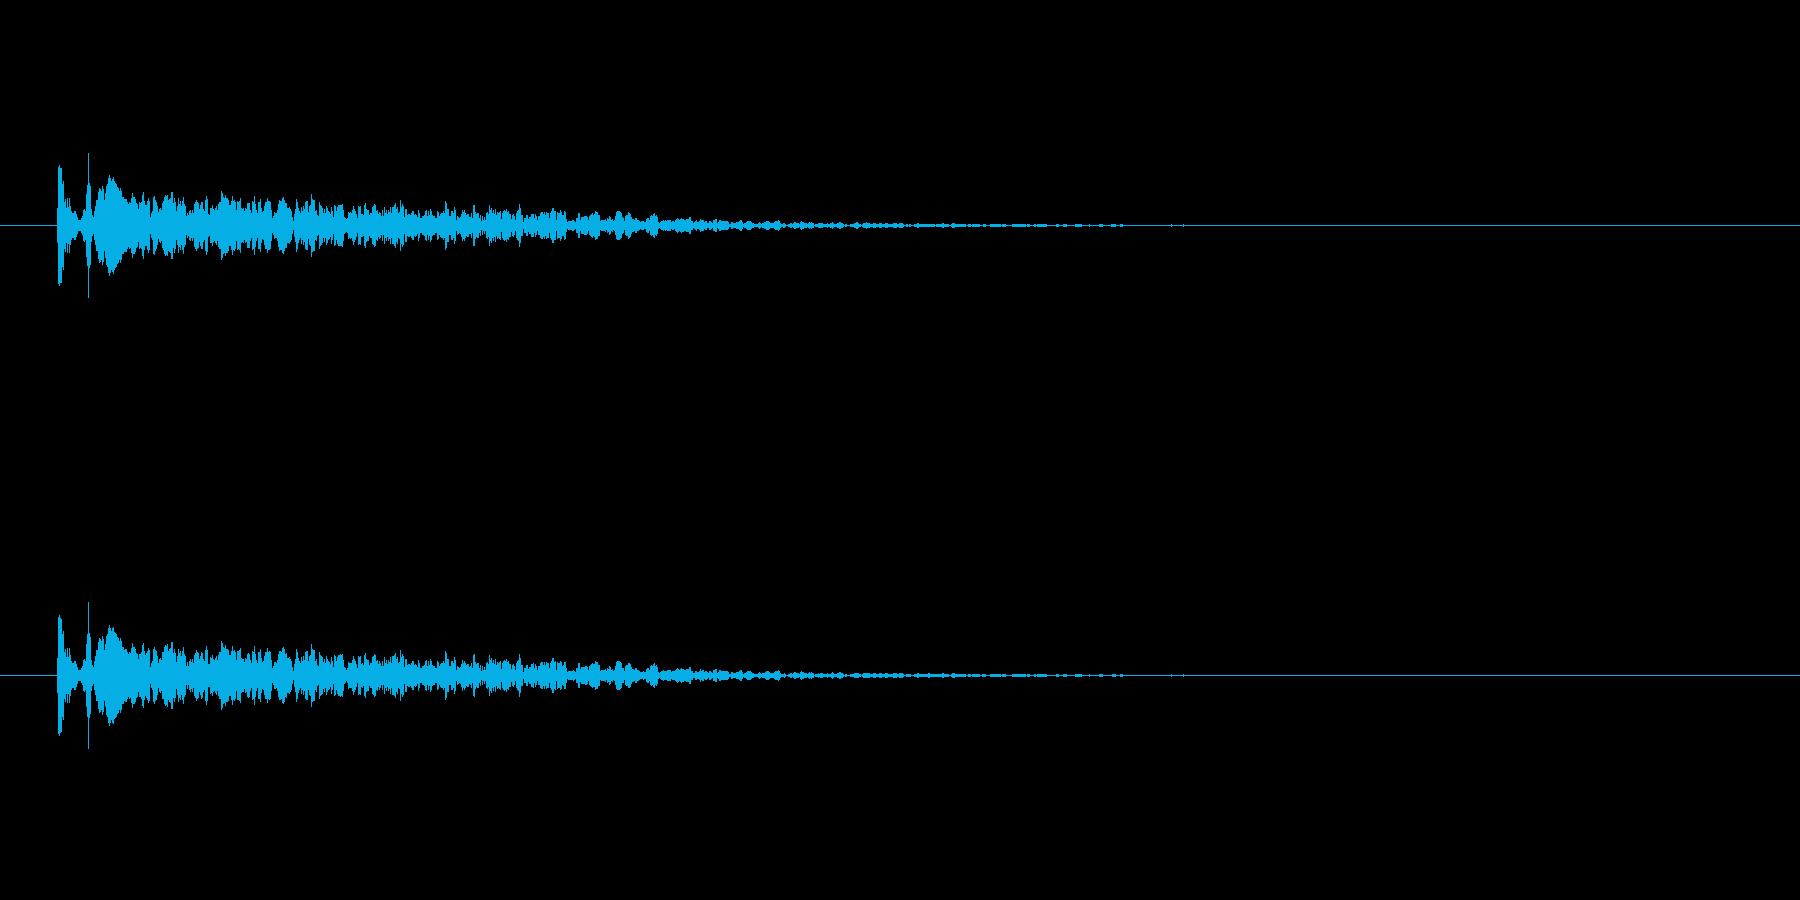 【光る07-1】の再生済みの波形